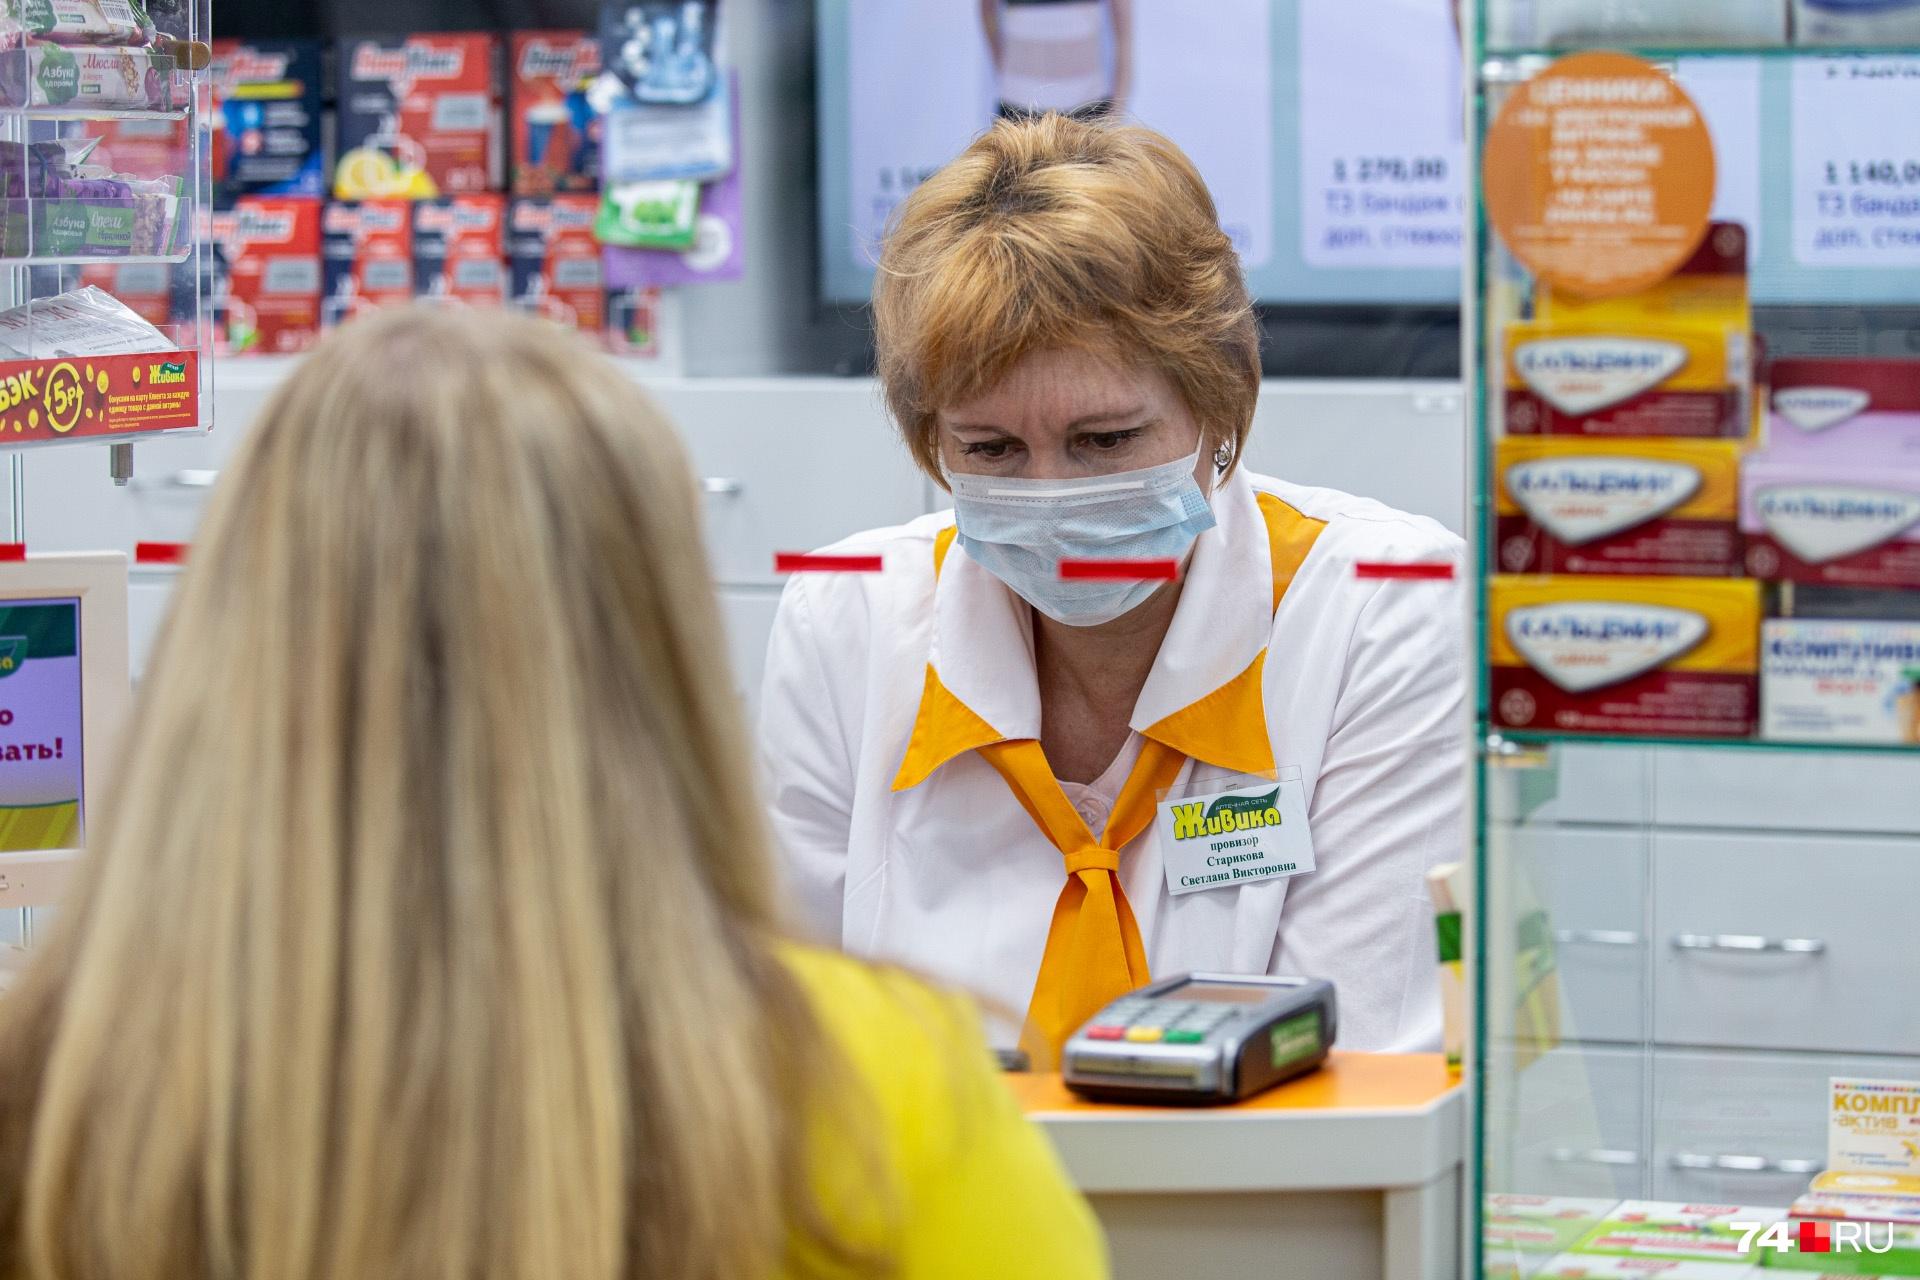 Поиски в аптеках сети тоже не приносят результата